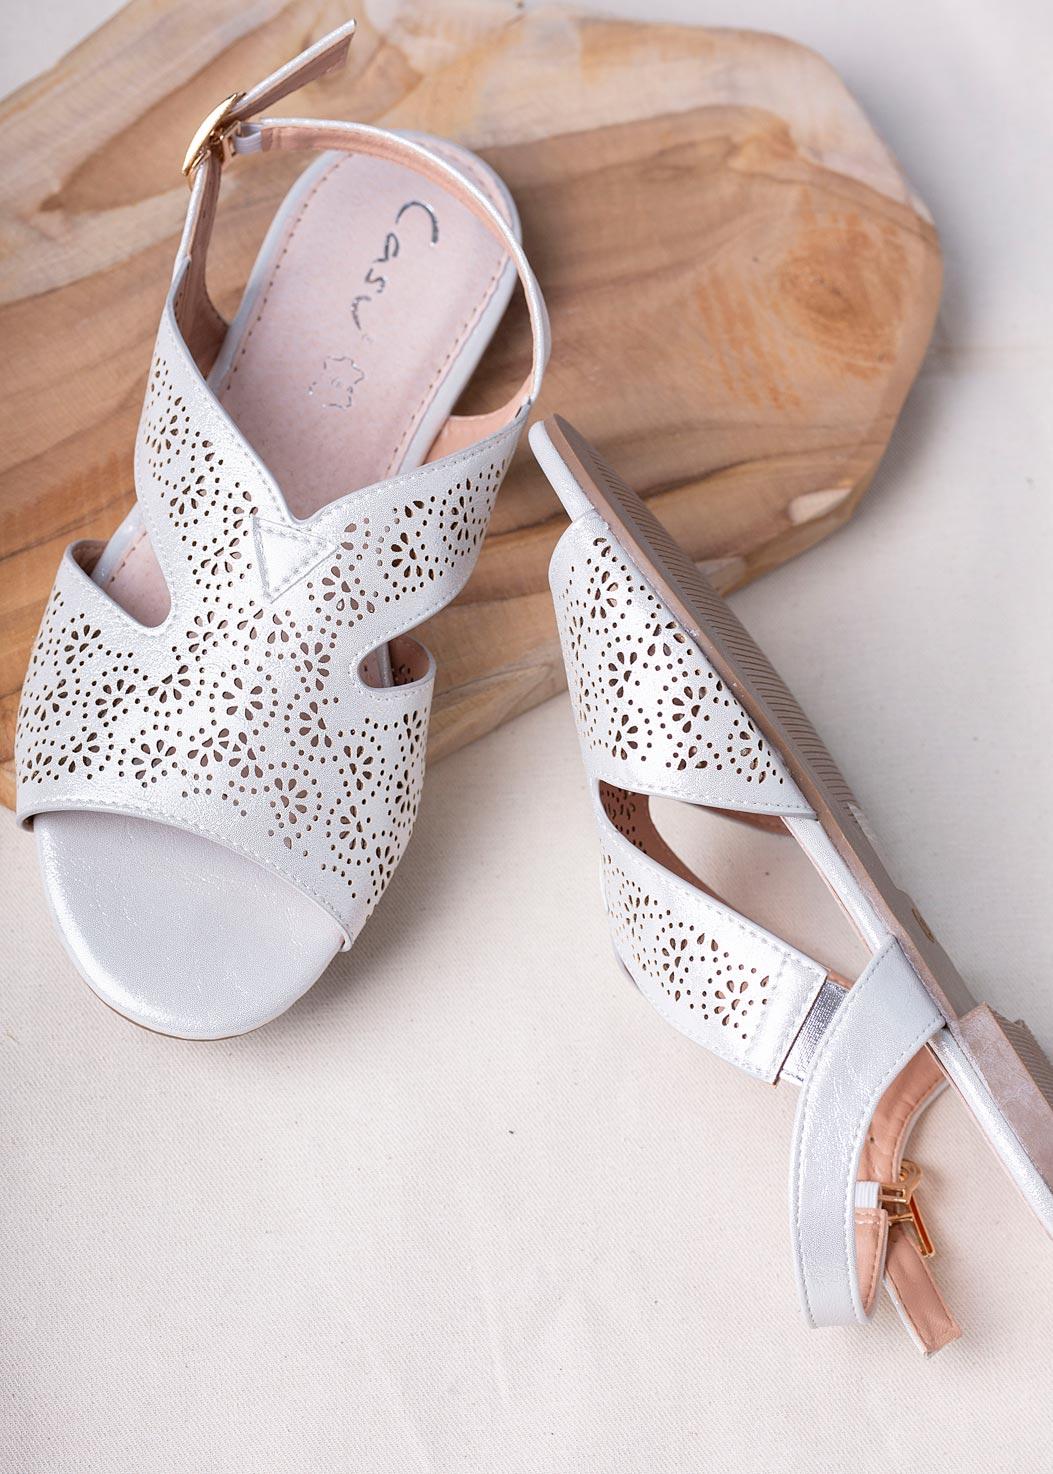 Srebrne sandały ażurowe płaskie błyszczące ze skórzaną wkładką Casu SN20X6/S srebrny